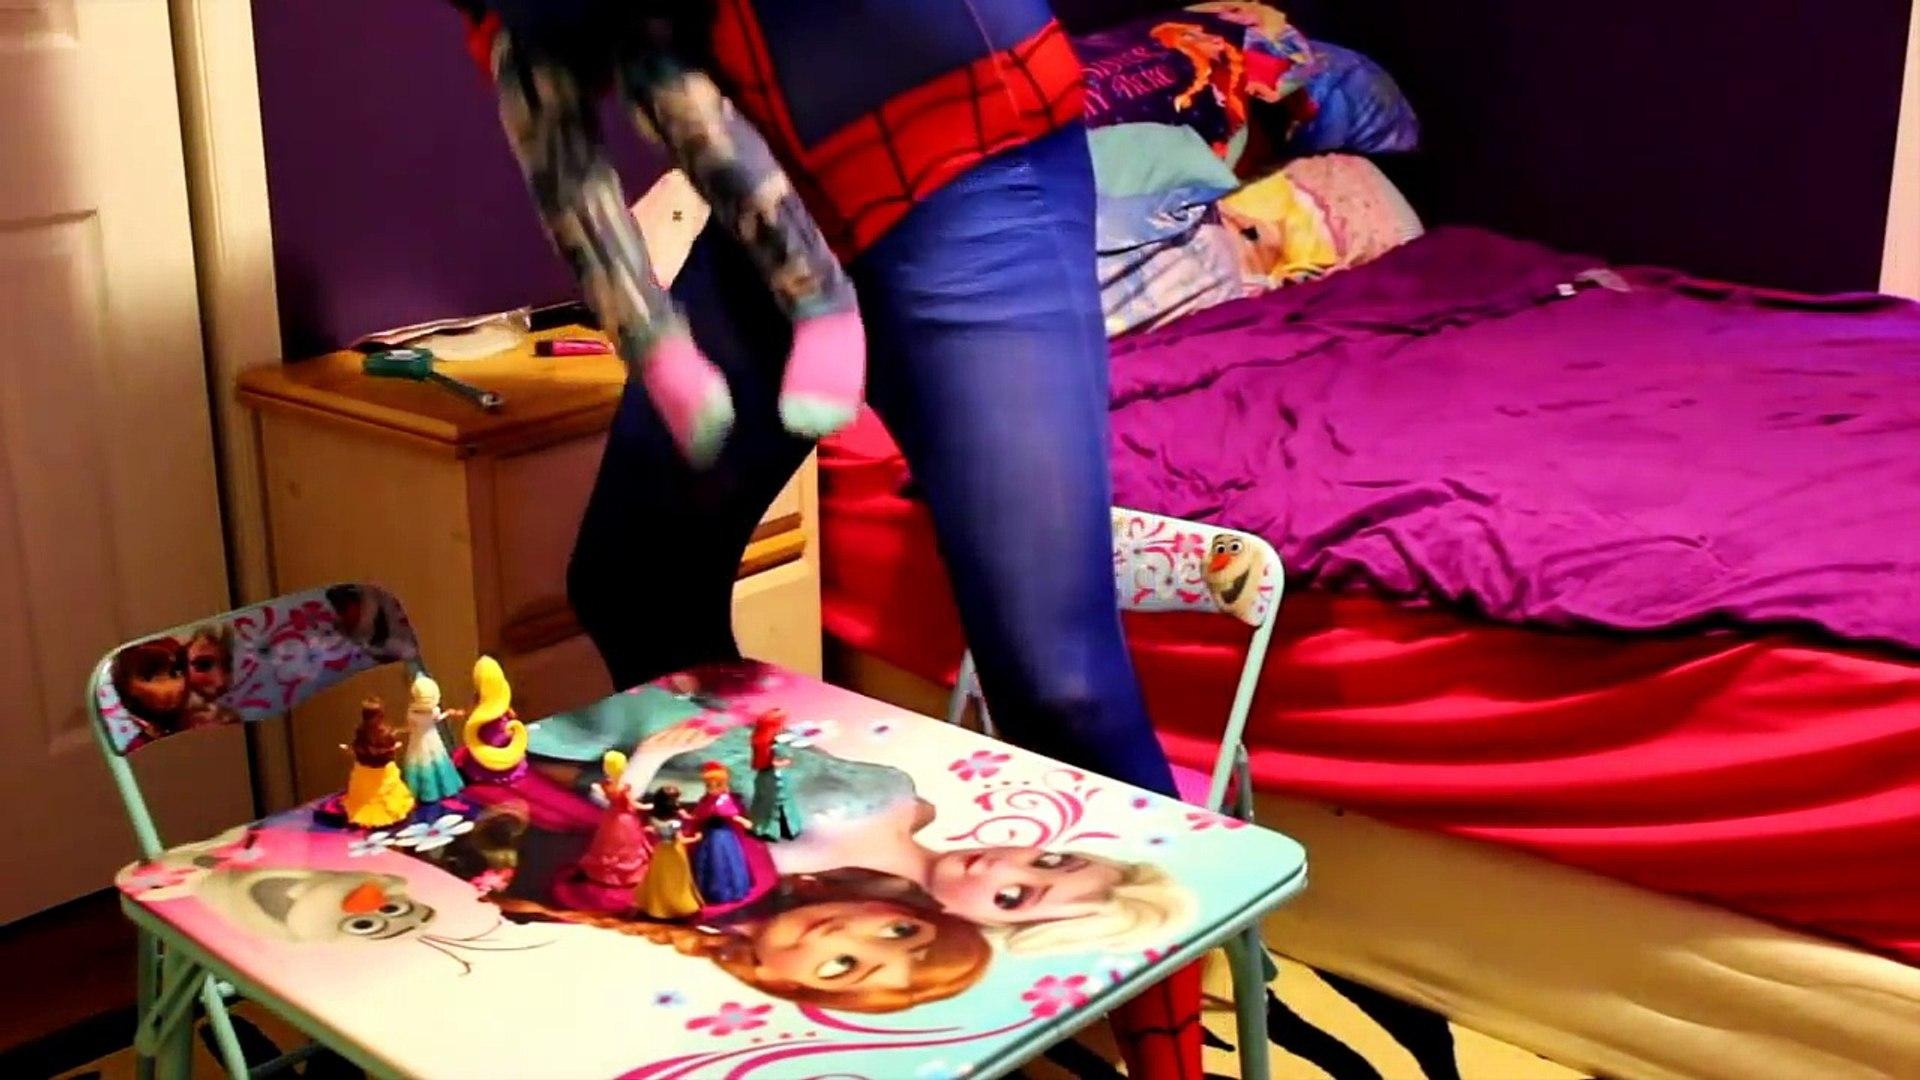 SpiderMan vs Frozen Elsa Kid - Real Life Superheroes Movie | Fun Kids Movie in Real Life